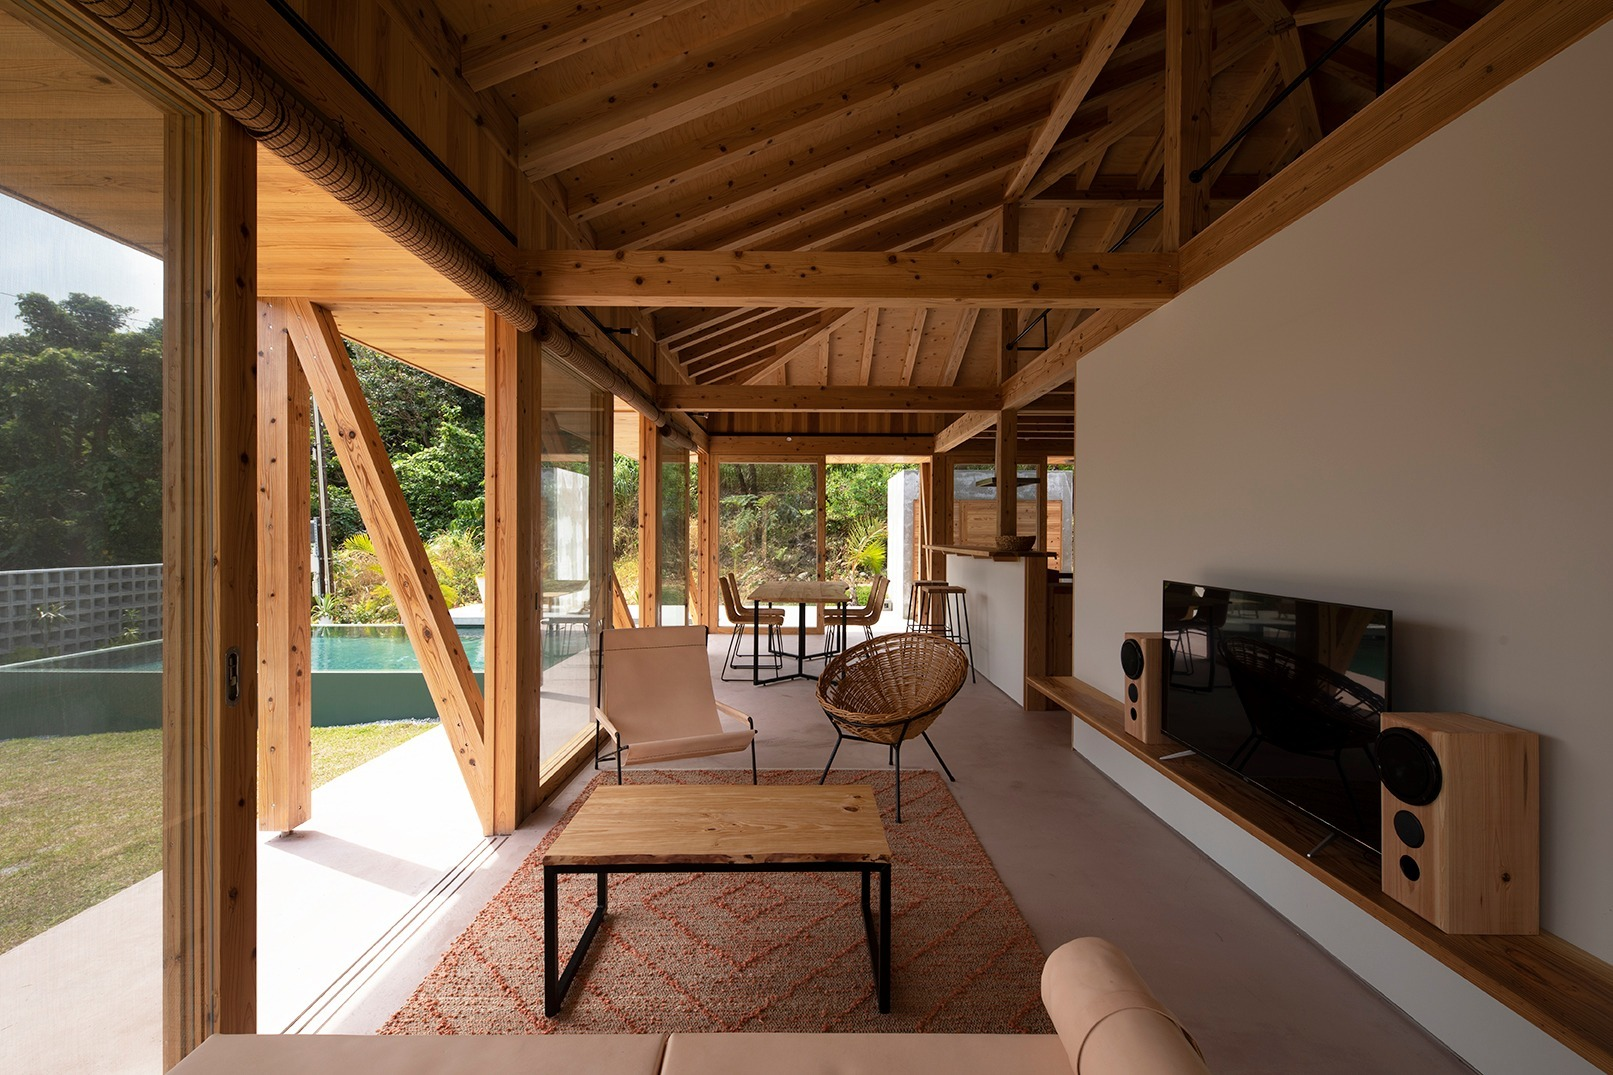 敷地250坪プール,離れ付き木造一戸建て/おすすめリモートハウス